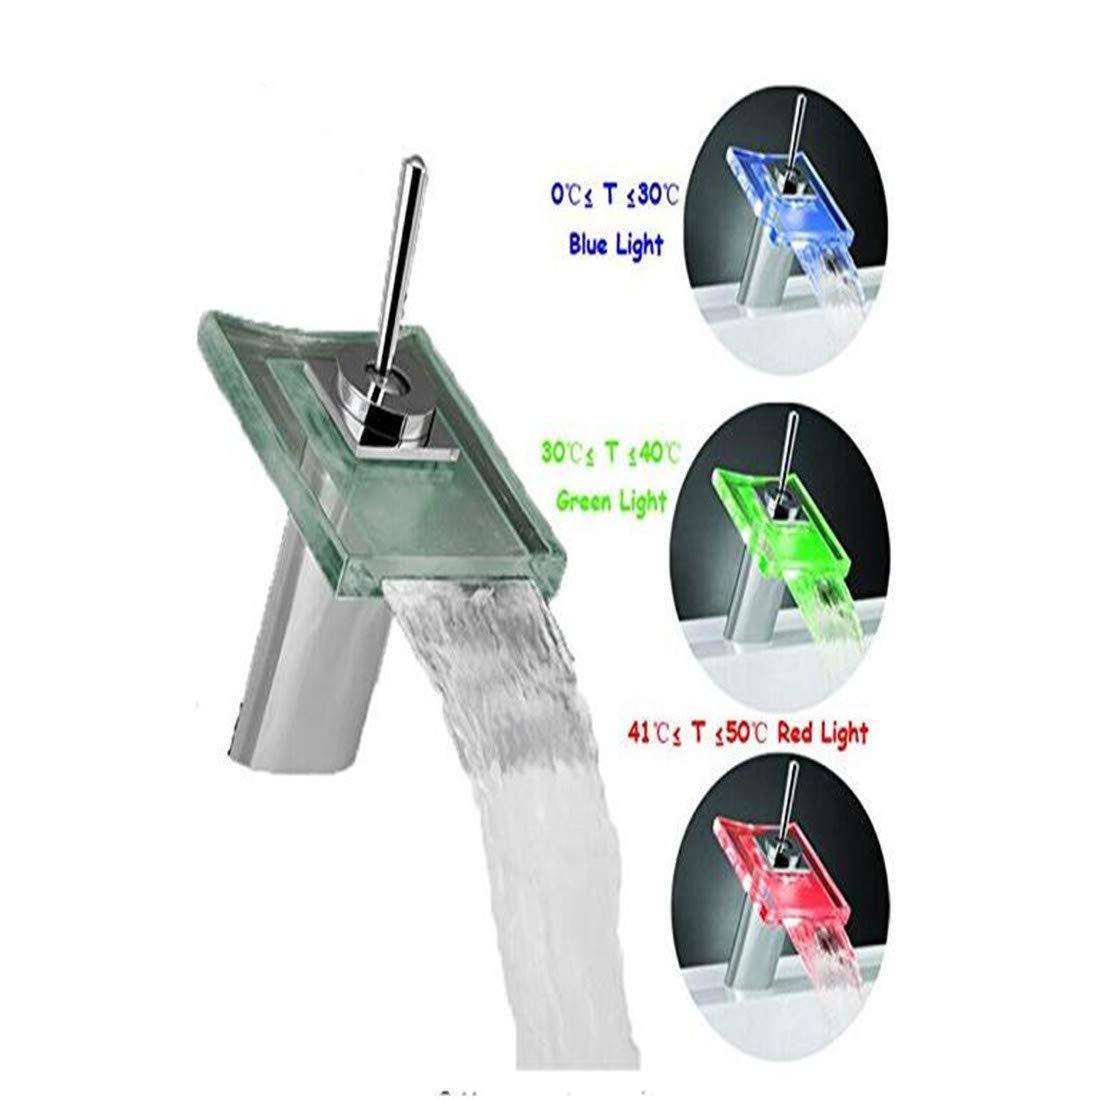 Mischbatterie Brause Drehbar Bad Spültischled Farbwechsel Becken Wasserhahn Bad Deck Mount Wasserfall Glasmischer Wasserhähne Chrom-Finish